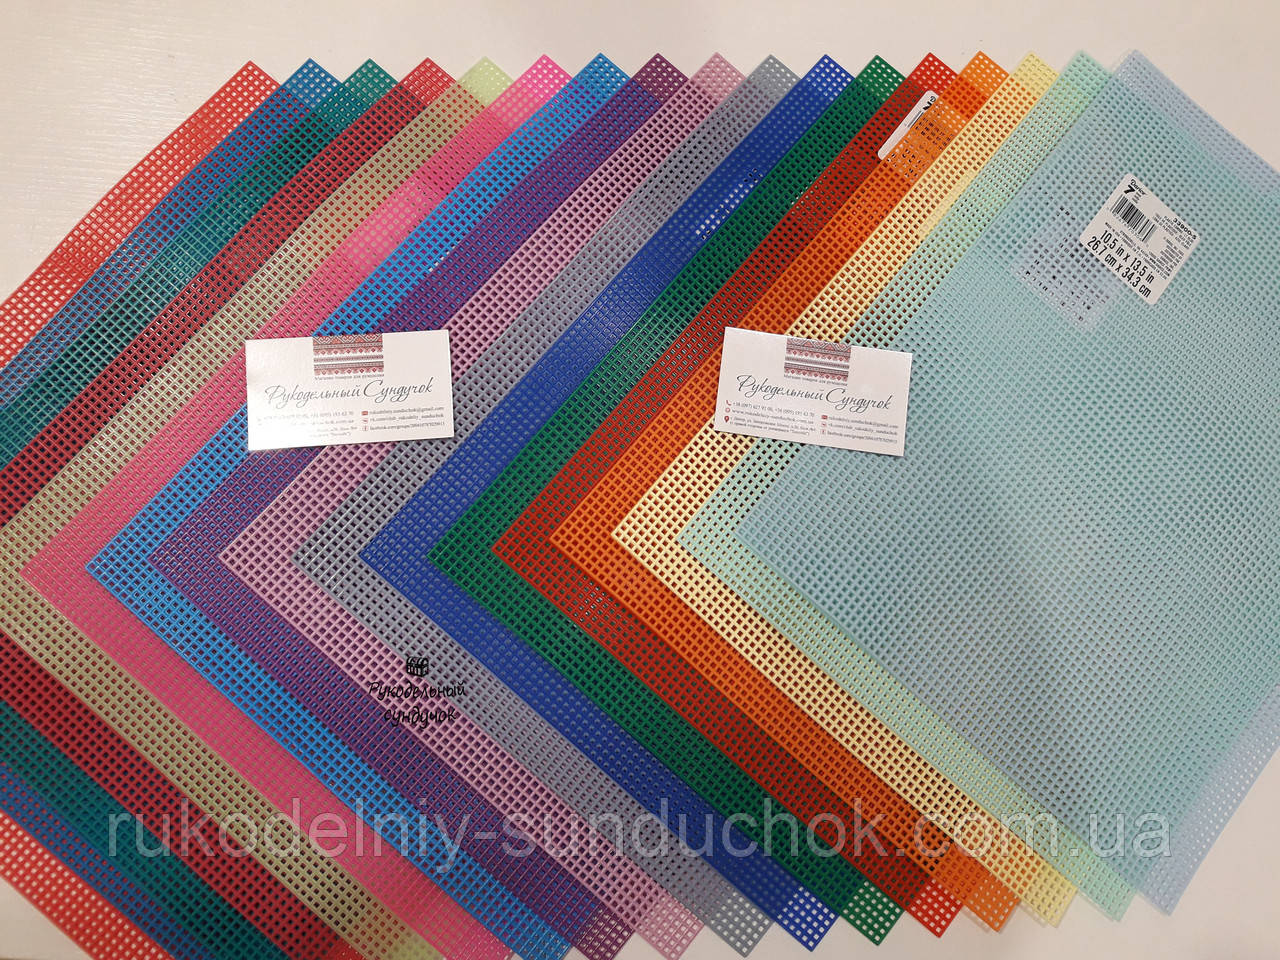 Пластикова Канва кольорова Darice 7 каунт (США)